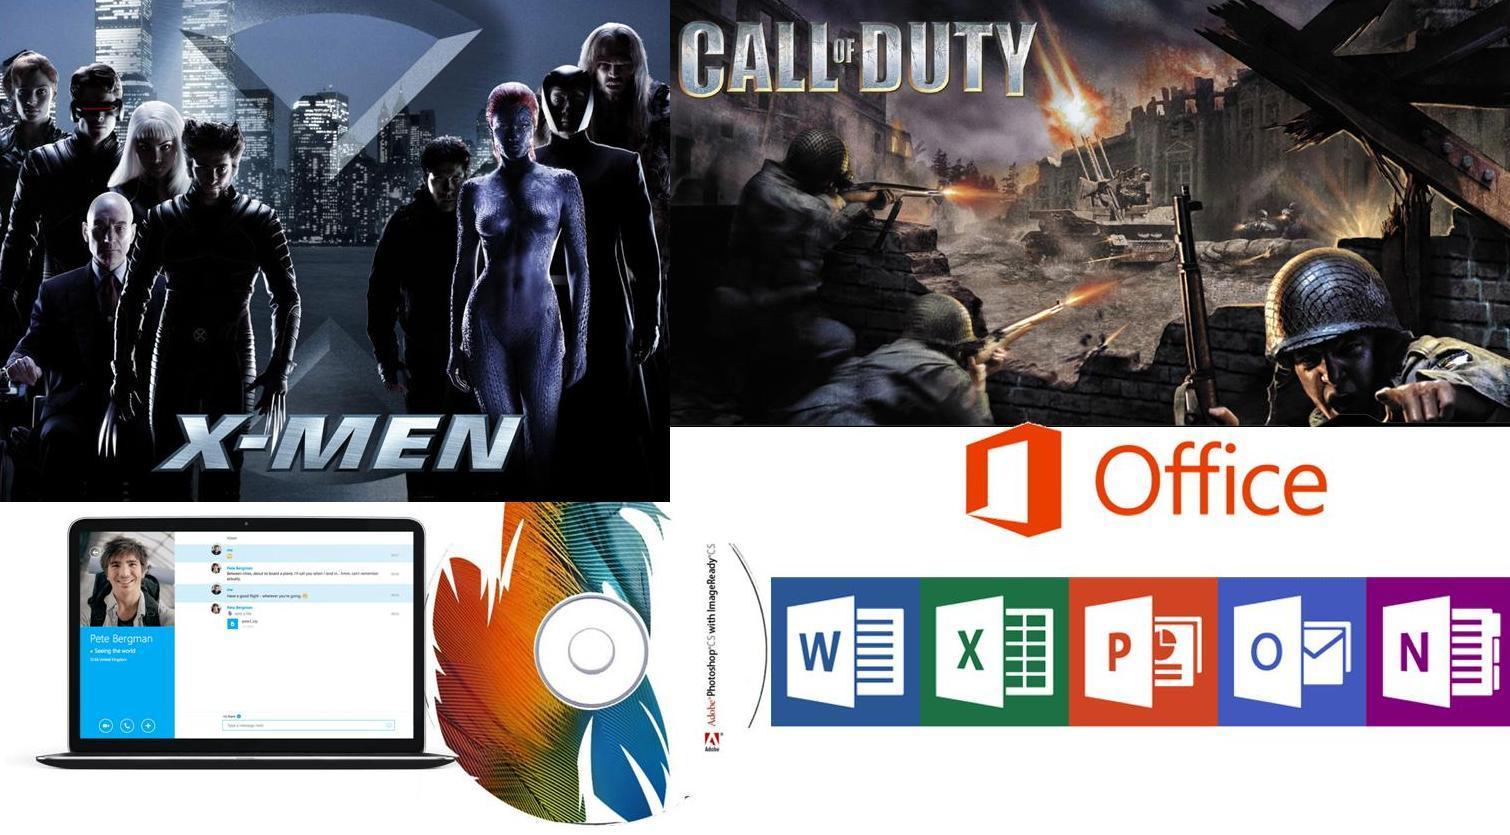 Борьба снаряда и брони: насколько растолстели программы, игры и фильмы со времён Windows XP - 3